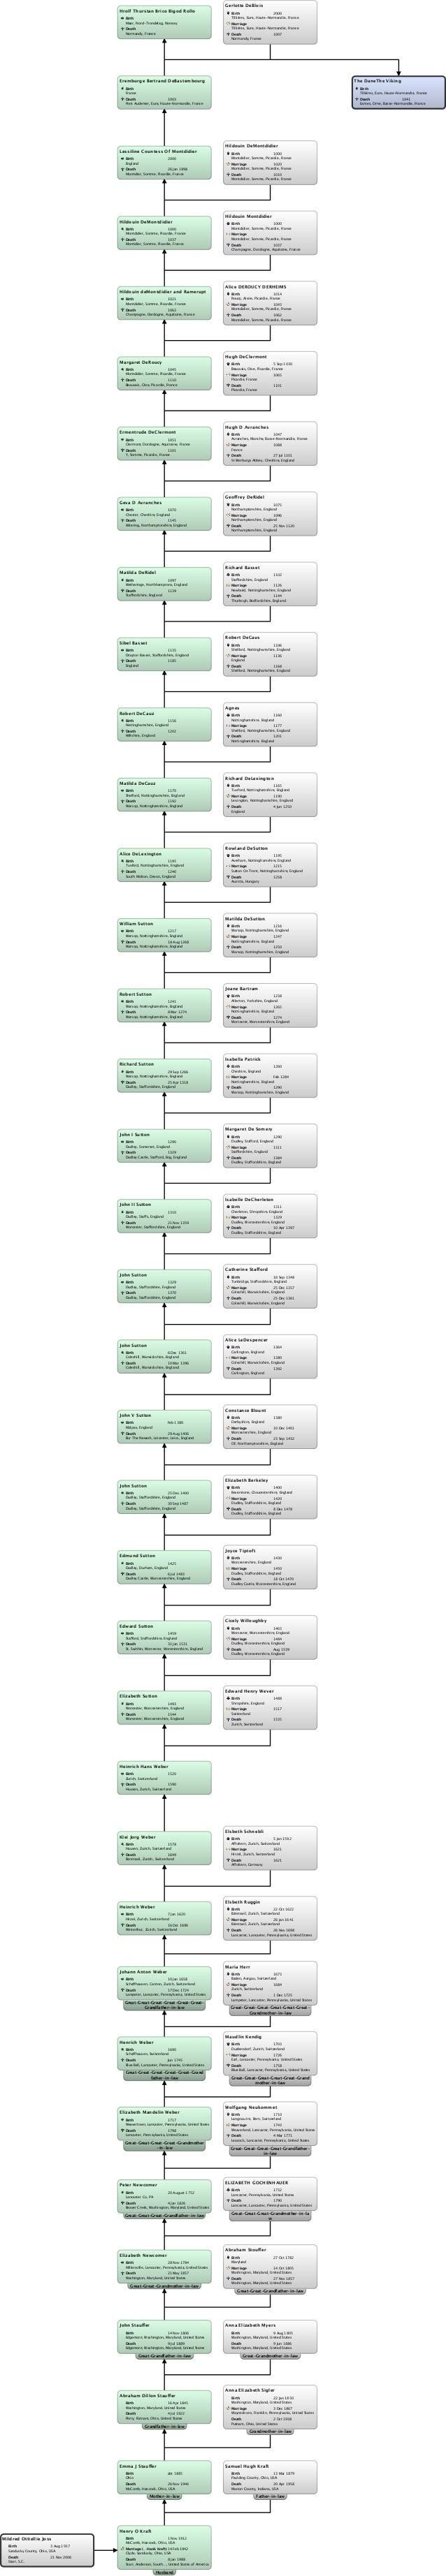 Relationship chart mildred ottiellie joss:the dane the viking